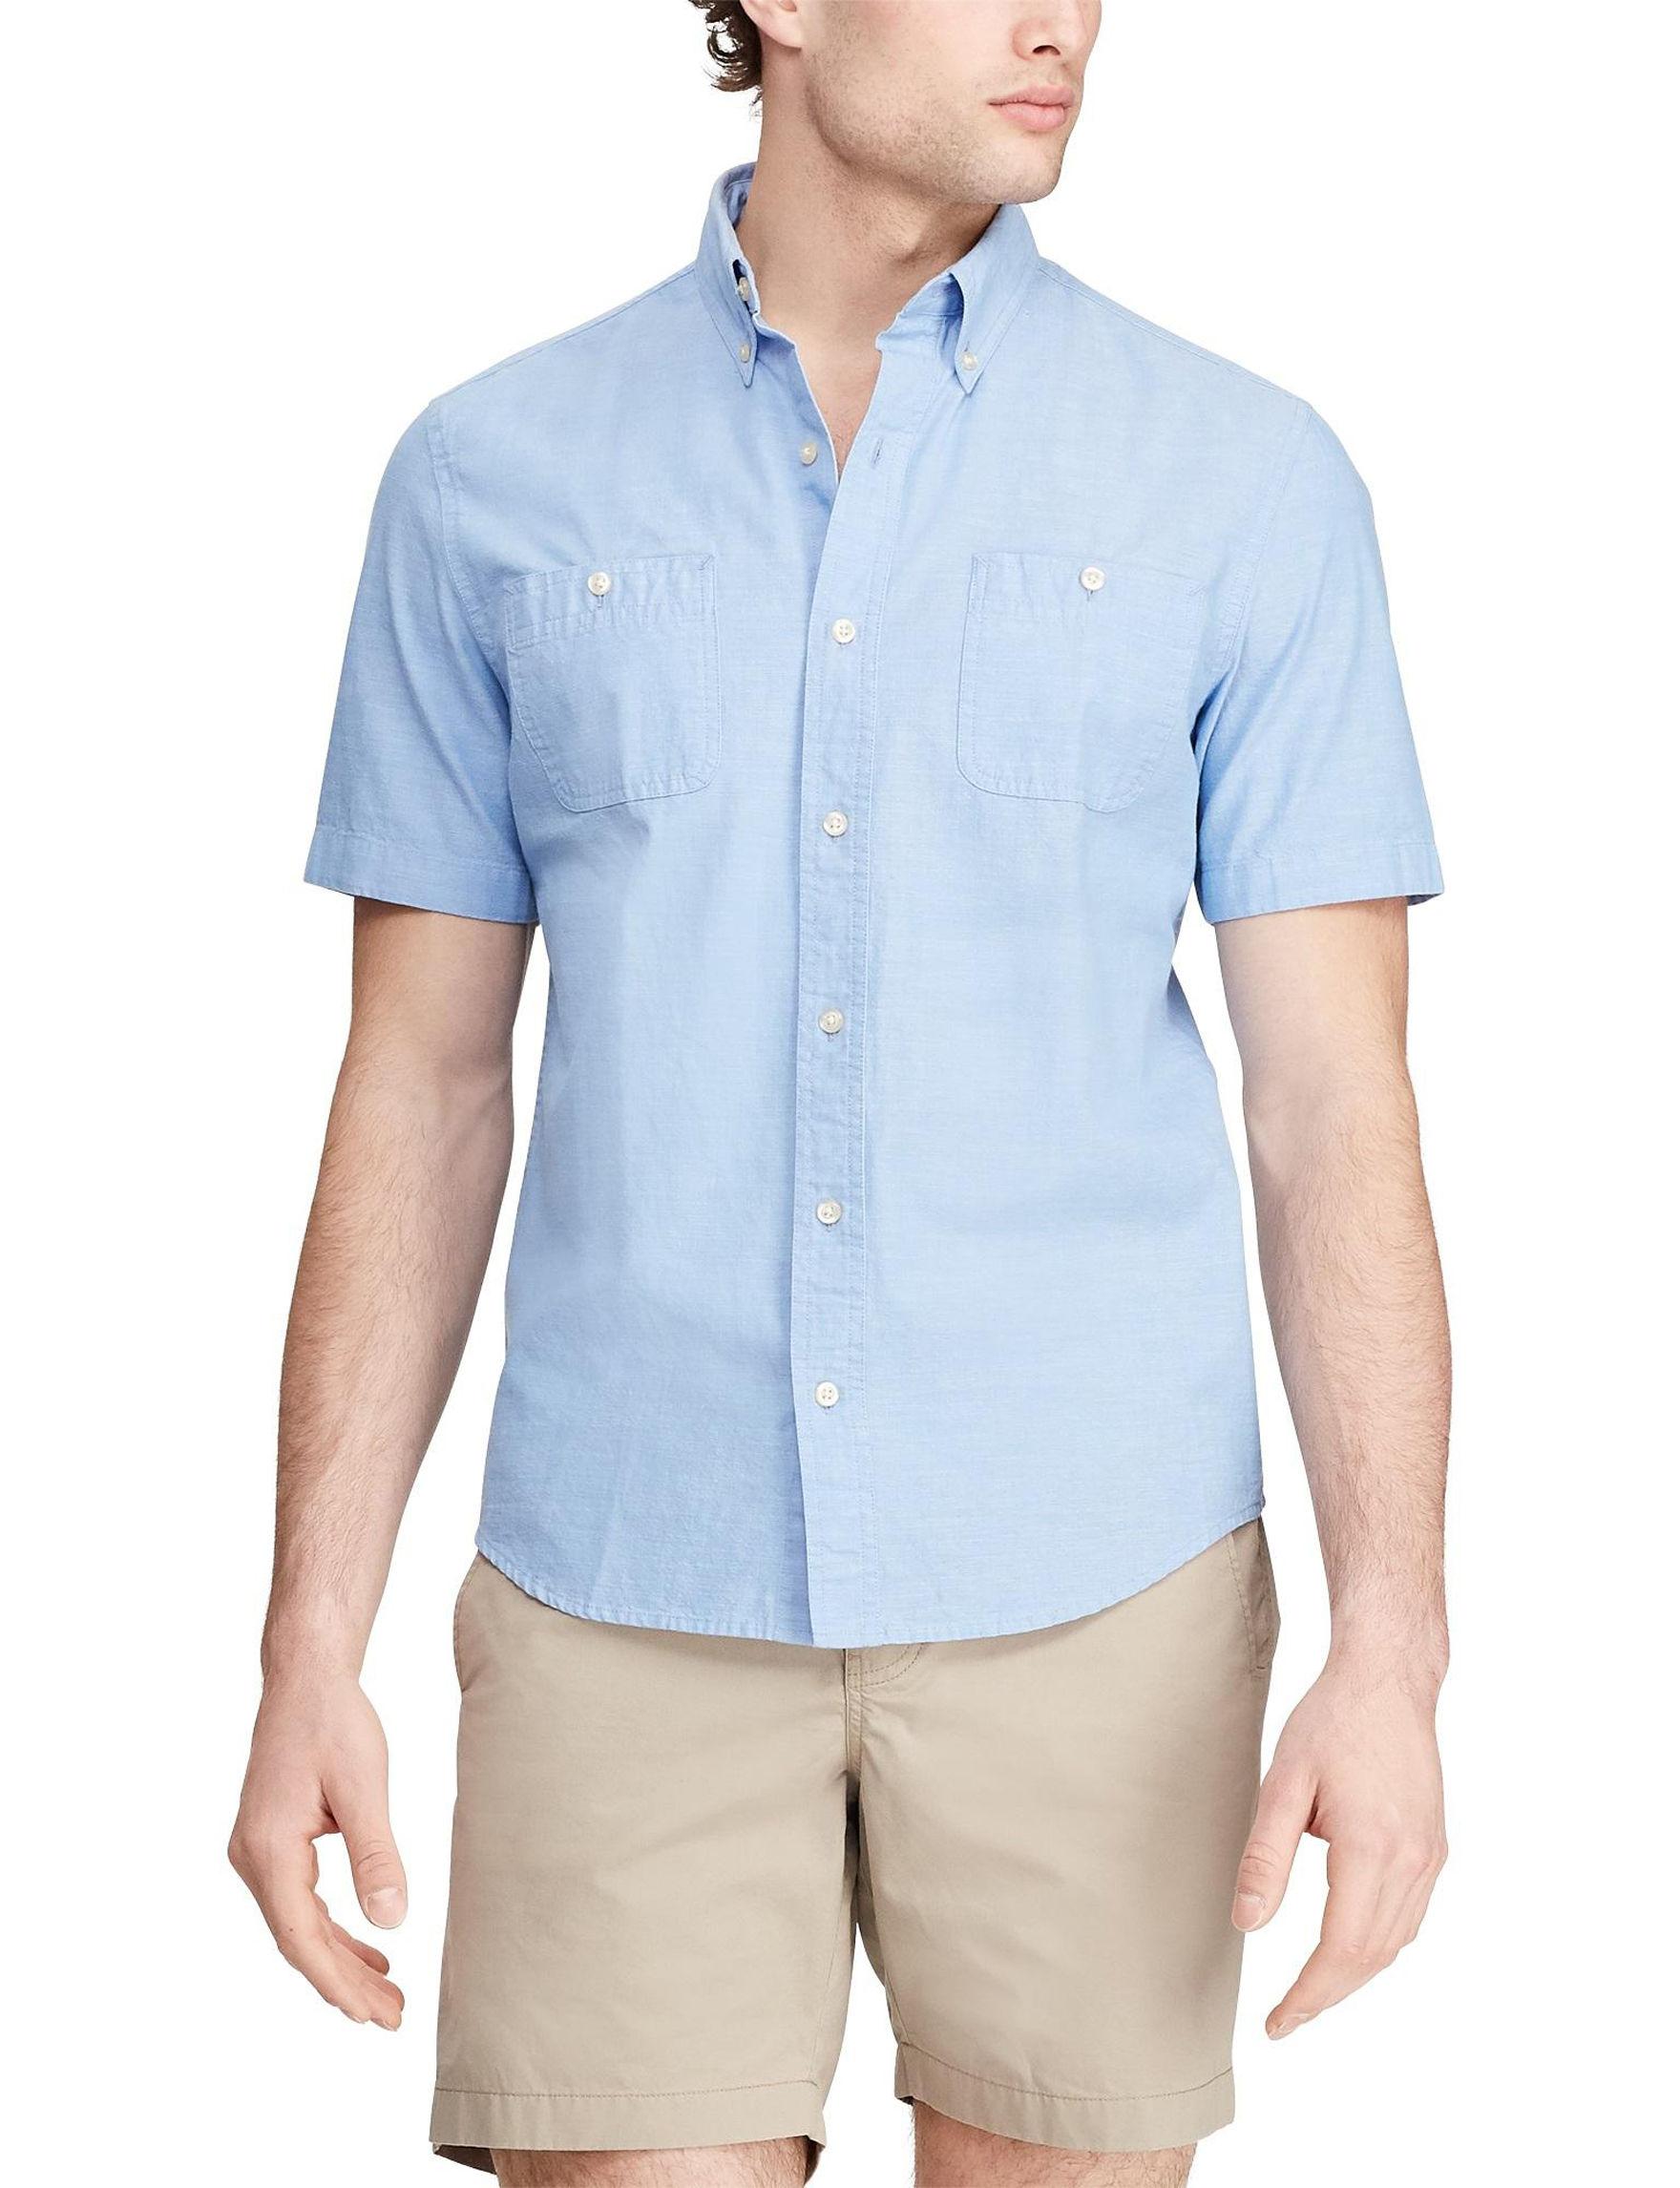 Chaps Blue Lagoon Casual Button Down Shirts